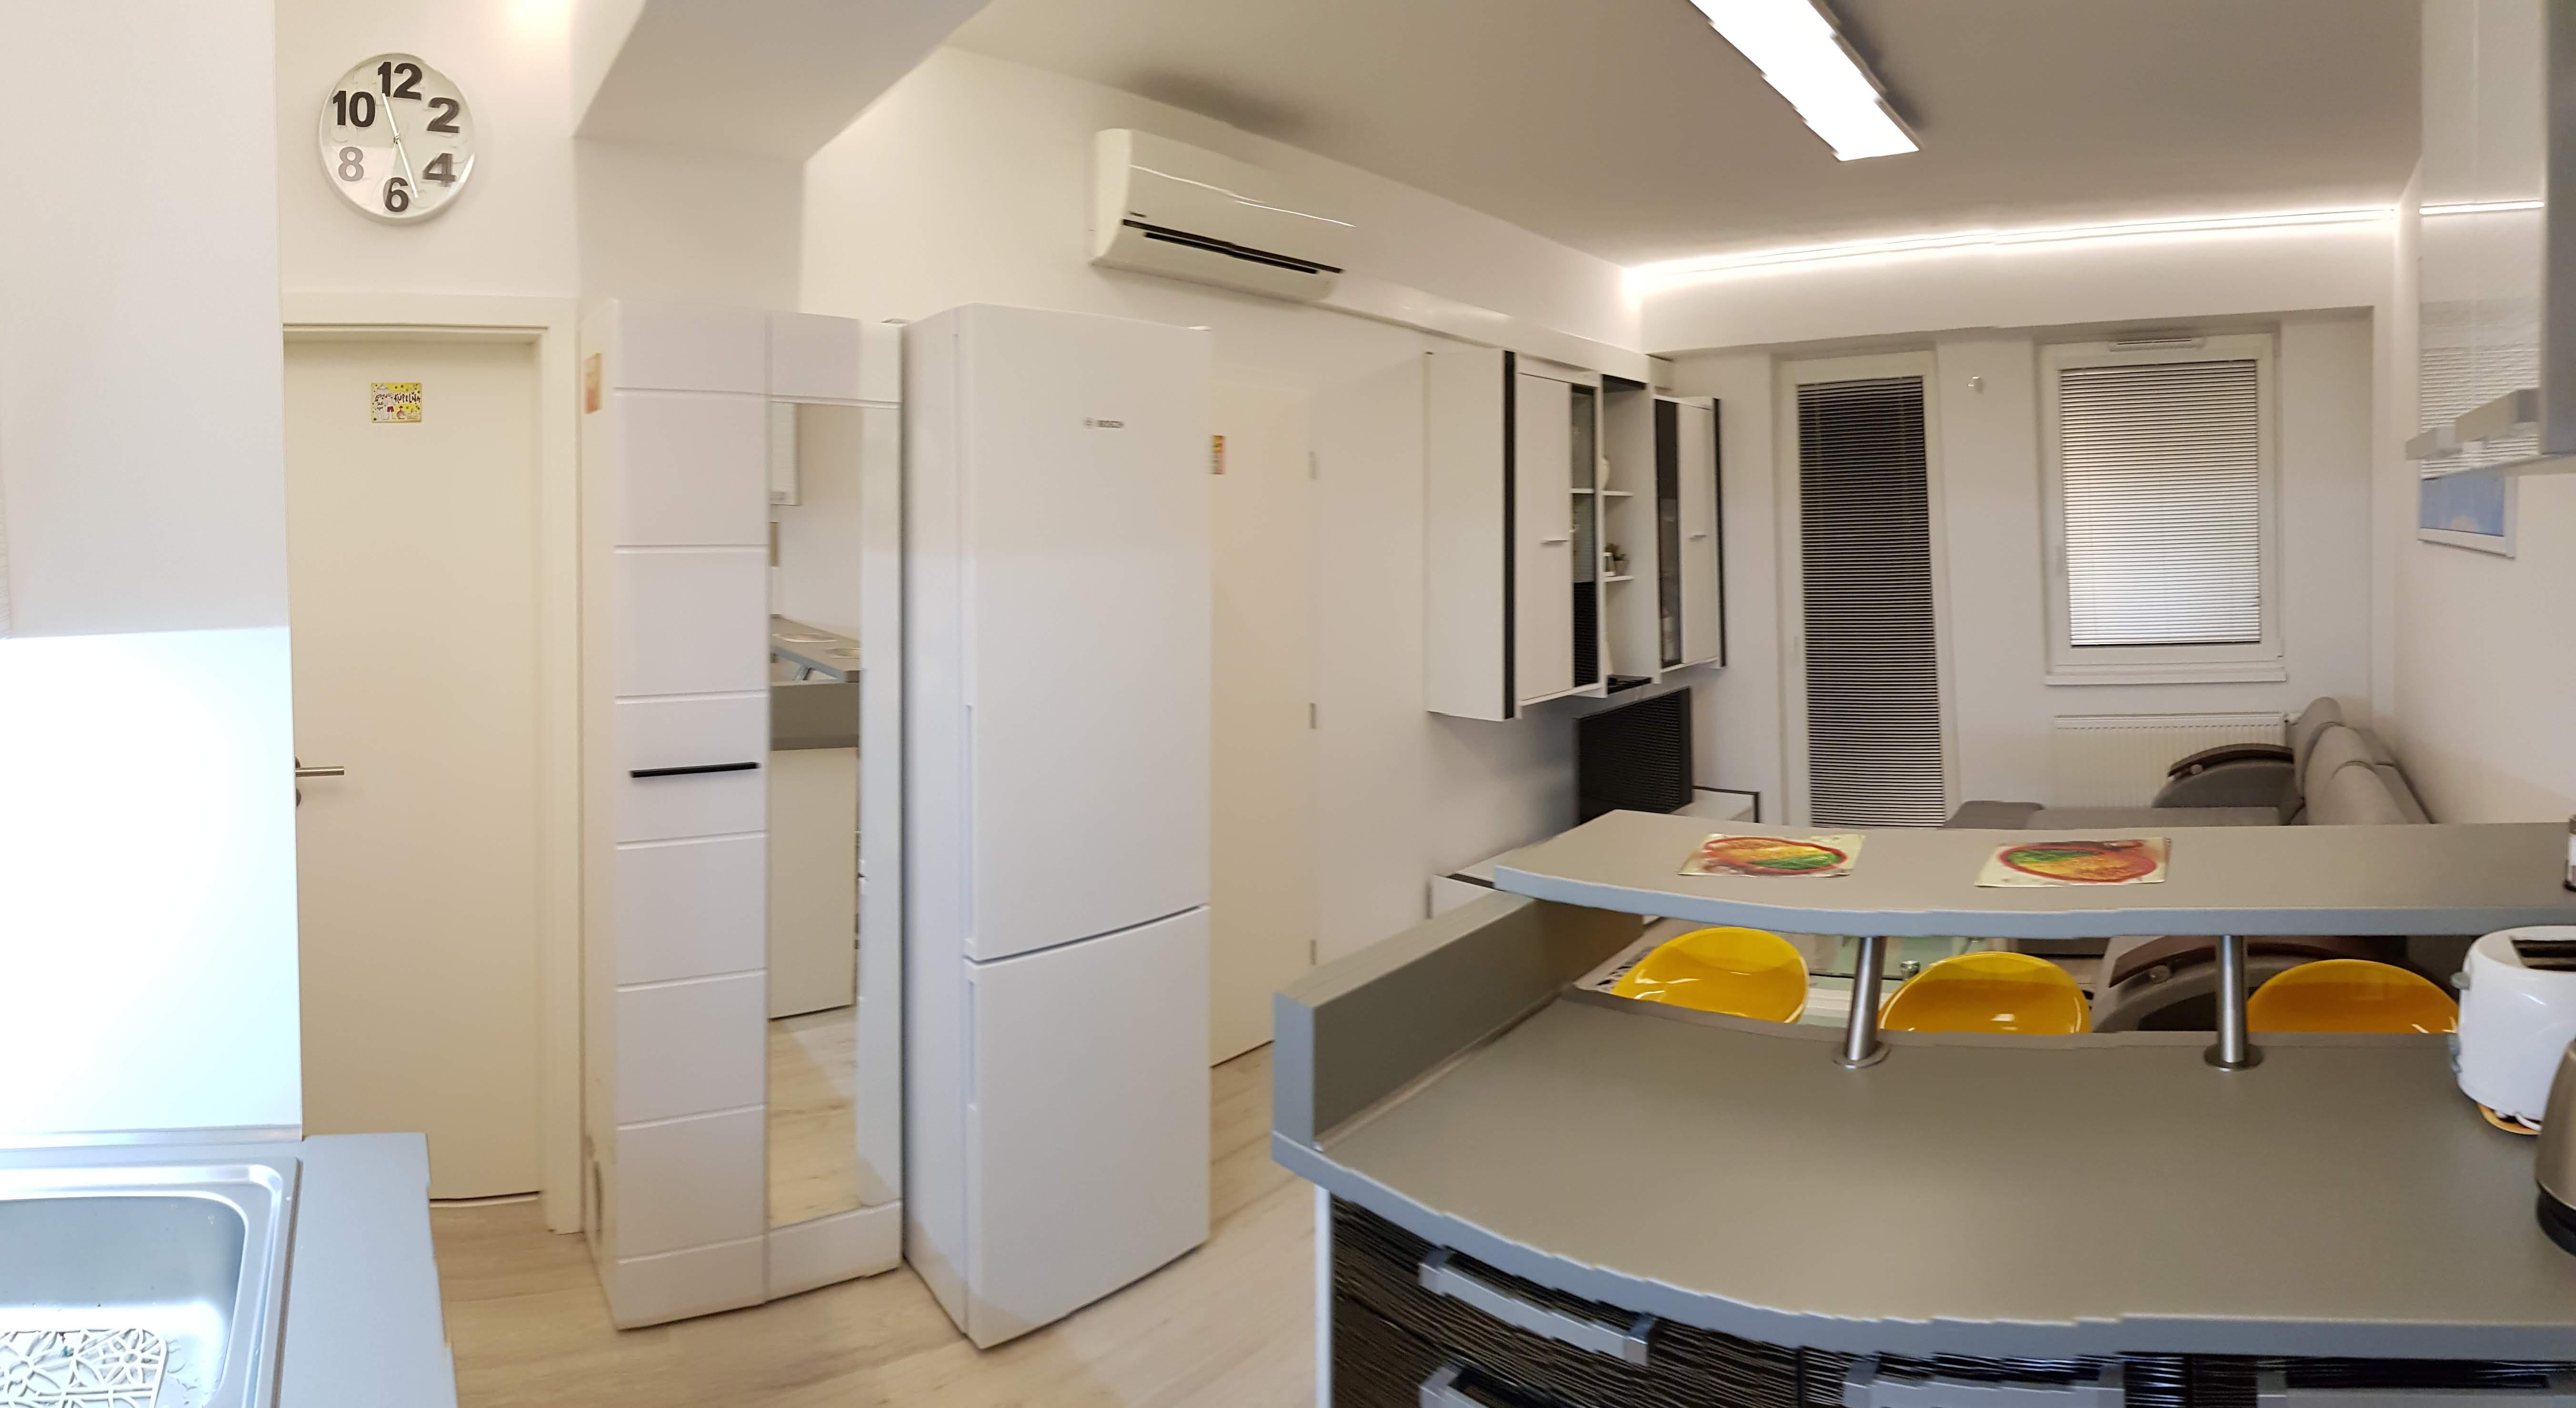 Prenajaté: Prenájom 2 izb. byt, Dornyk, Ružinov-Trnávka, 34,51m2, Pri Avione-48